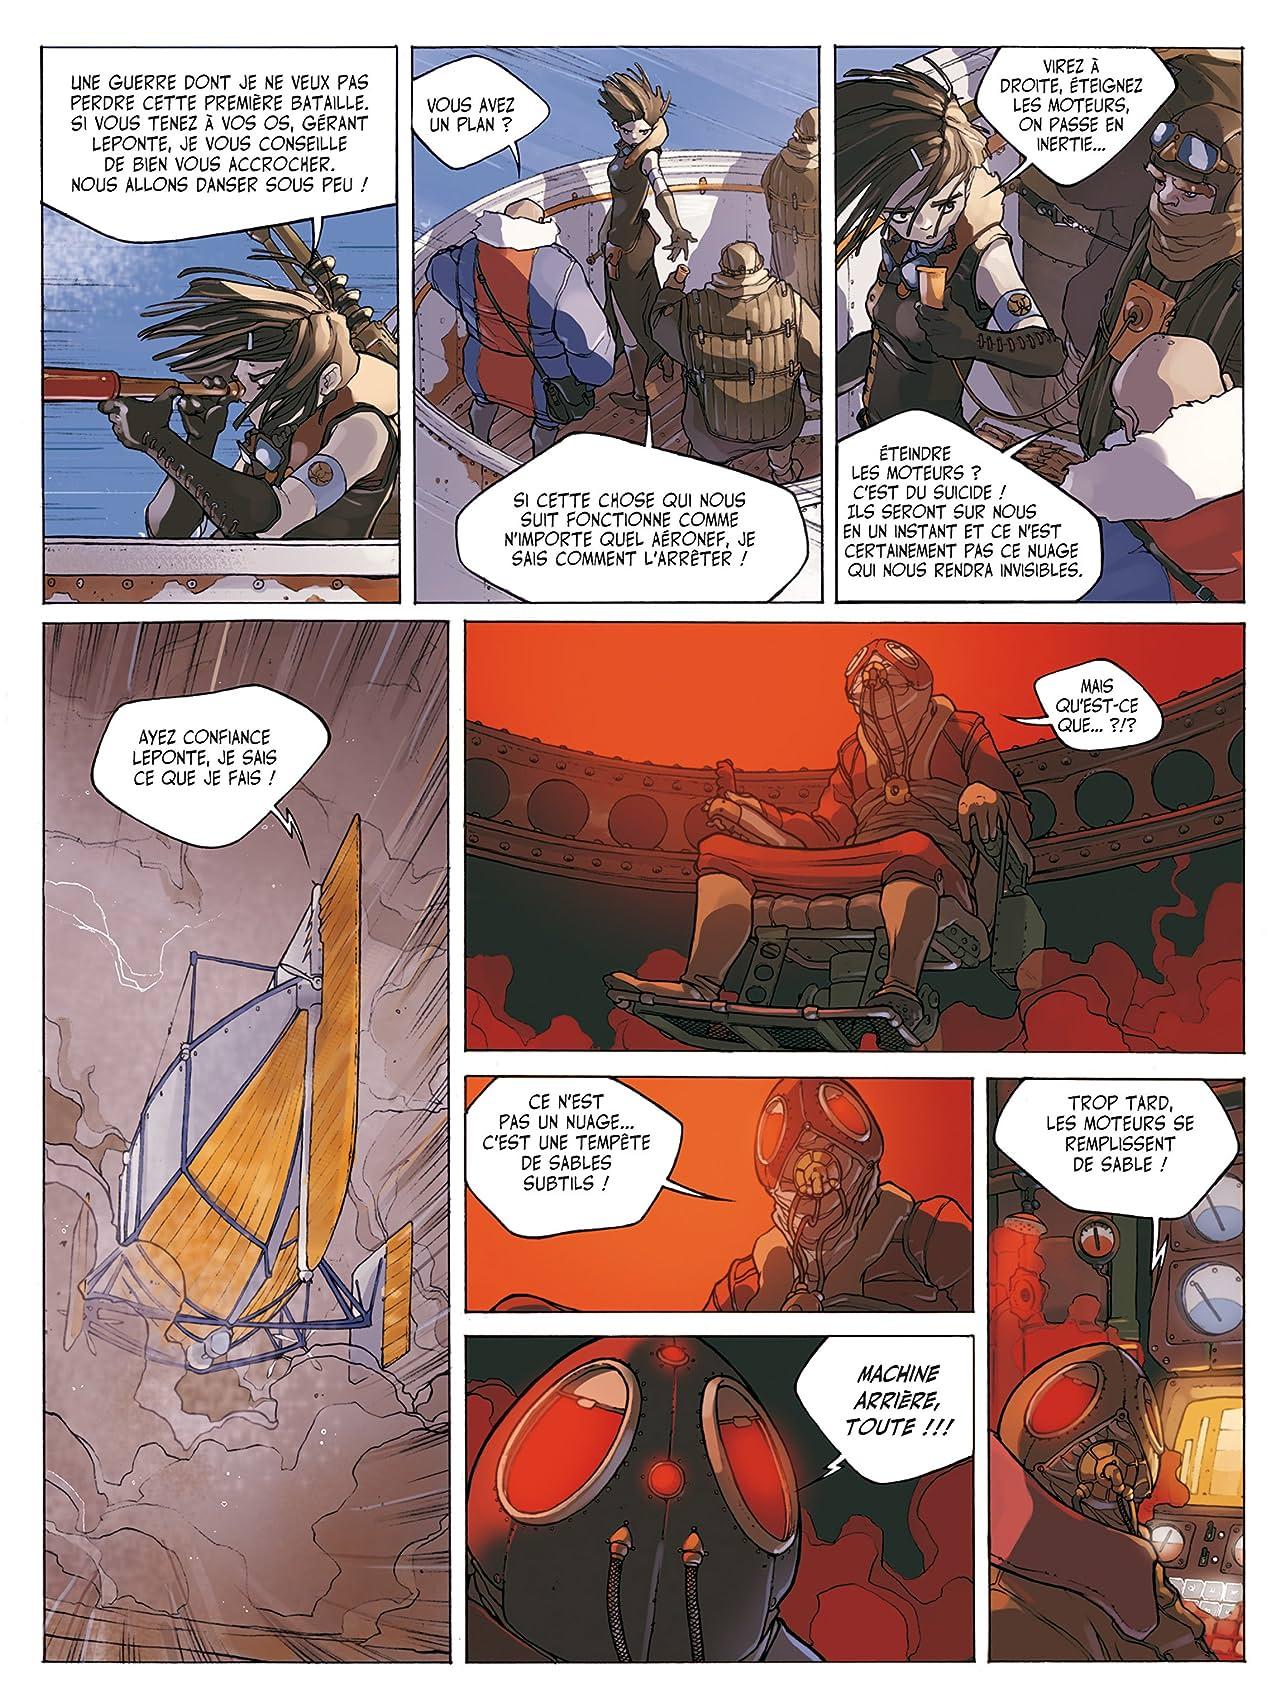 L'Anneau des 7 mondes Vol. 2: Alliance